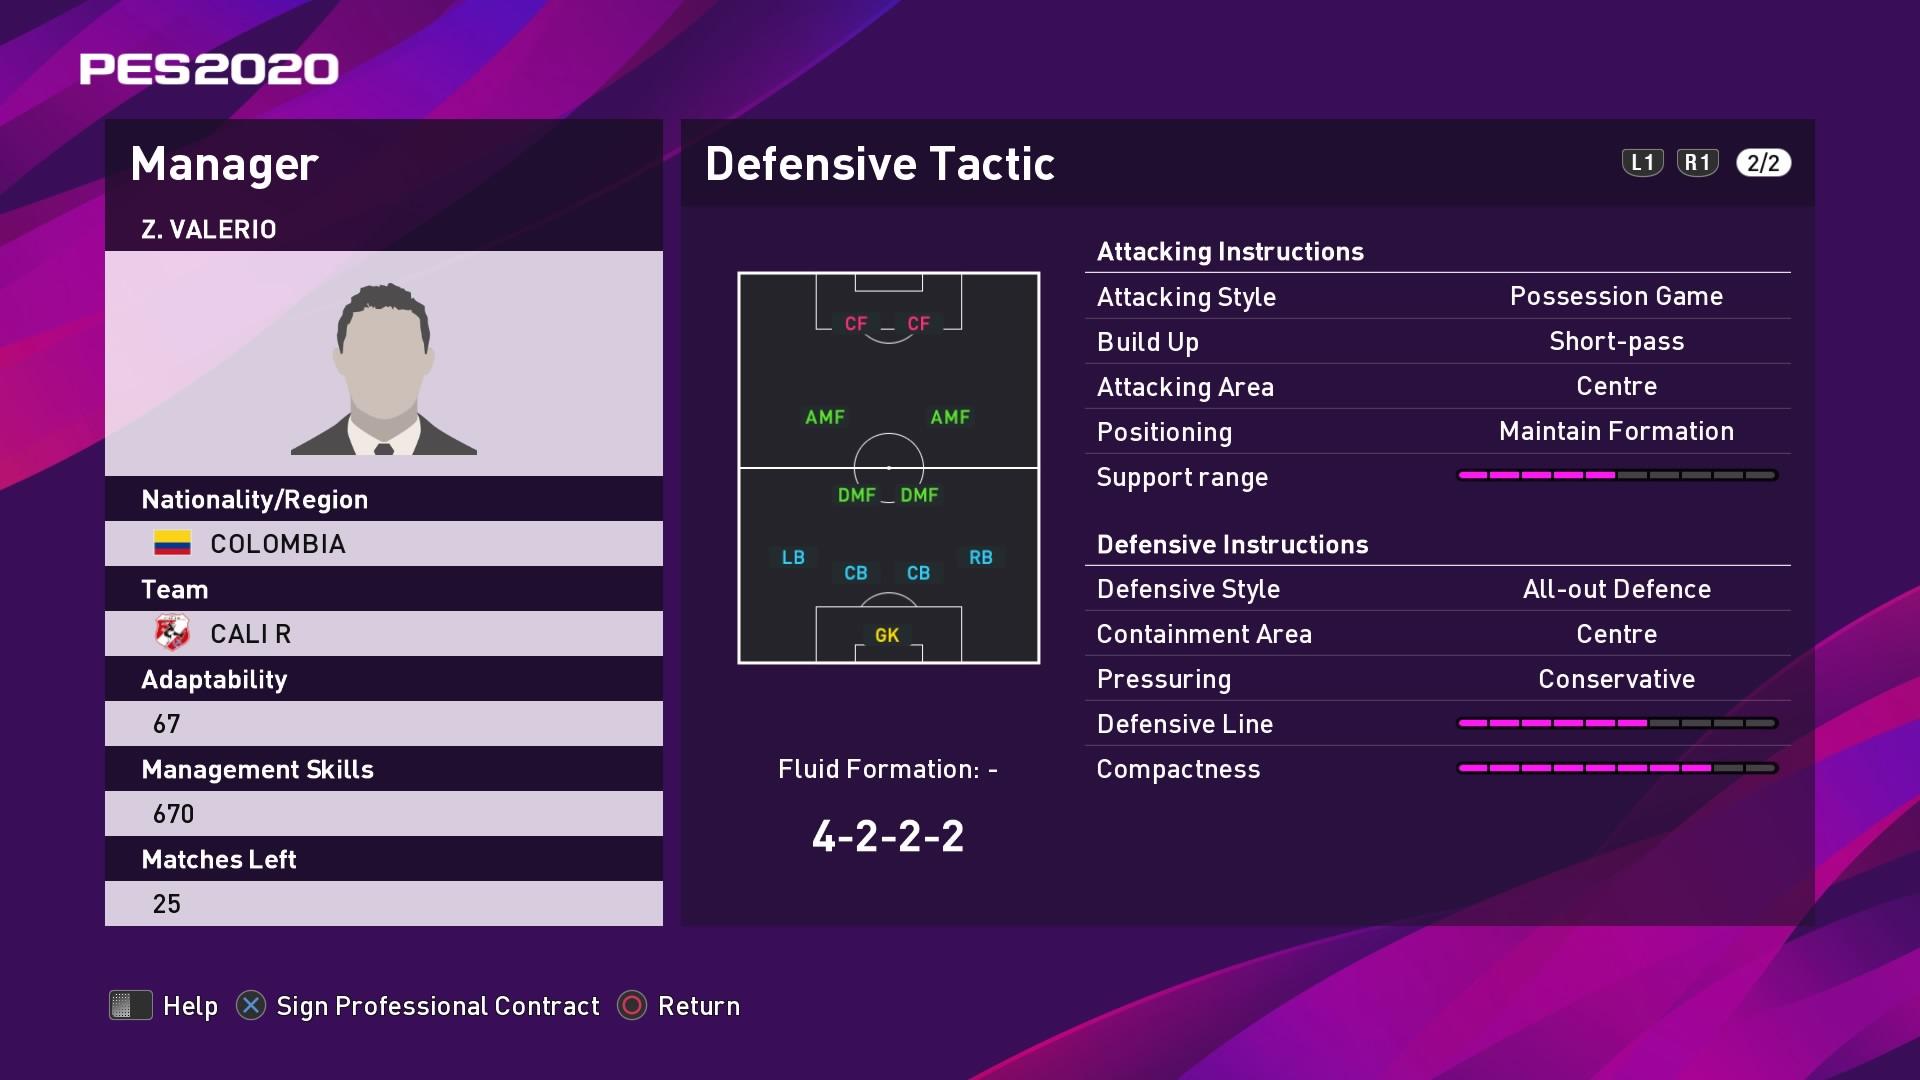 Z. Valerio (Fernando Castro) Defensive Tactic in PES 2020 myClub